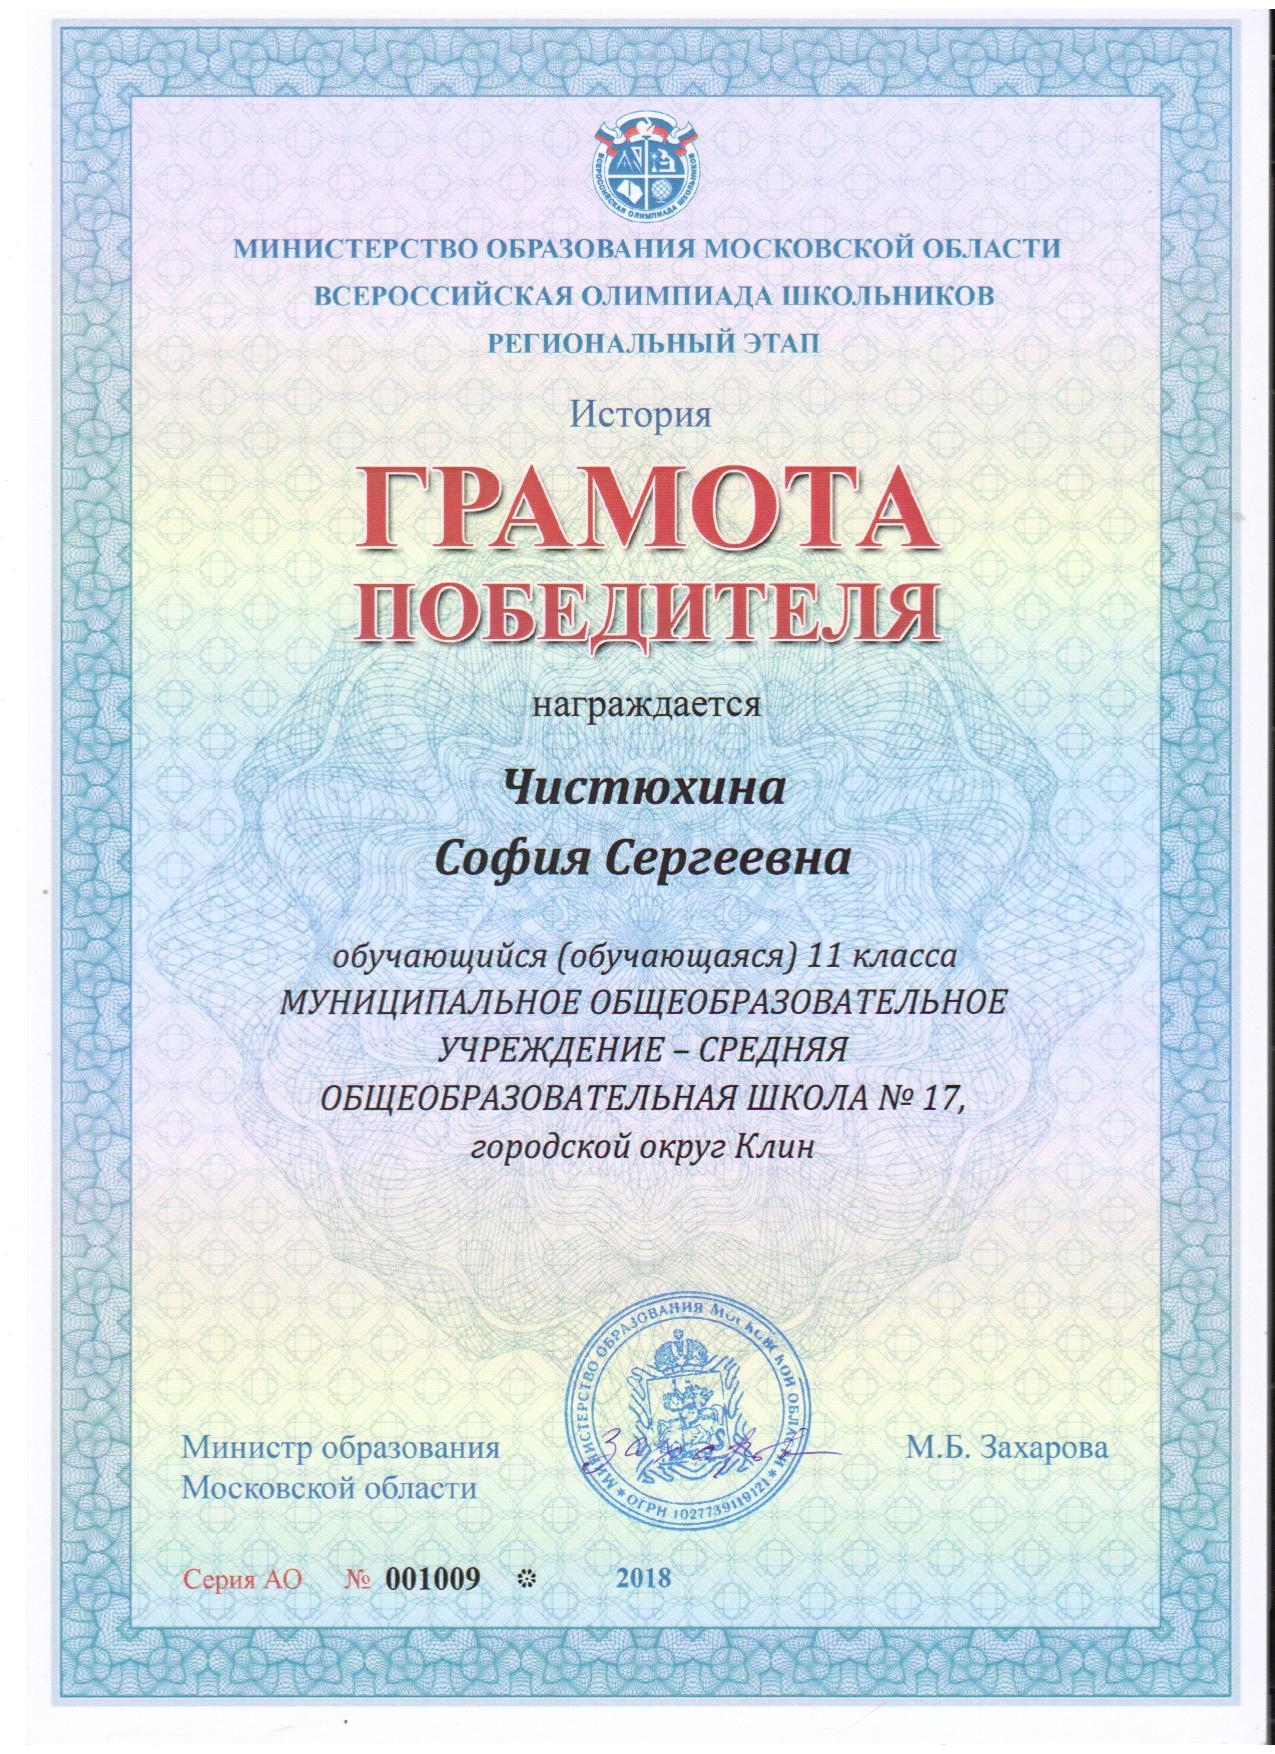 диплом1 003